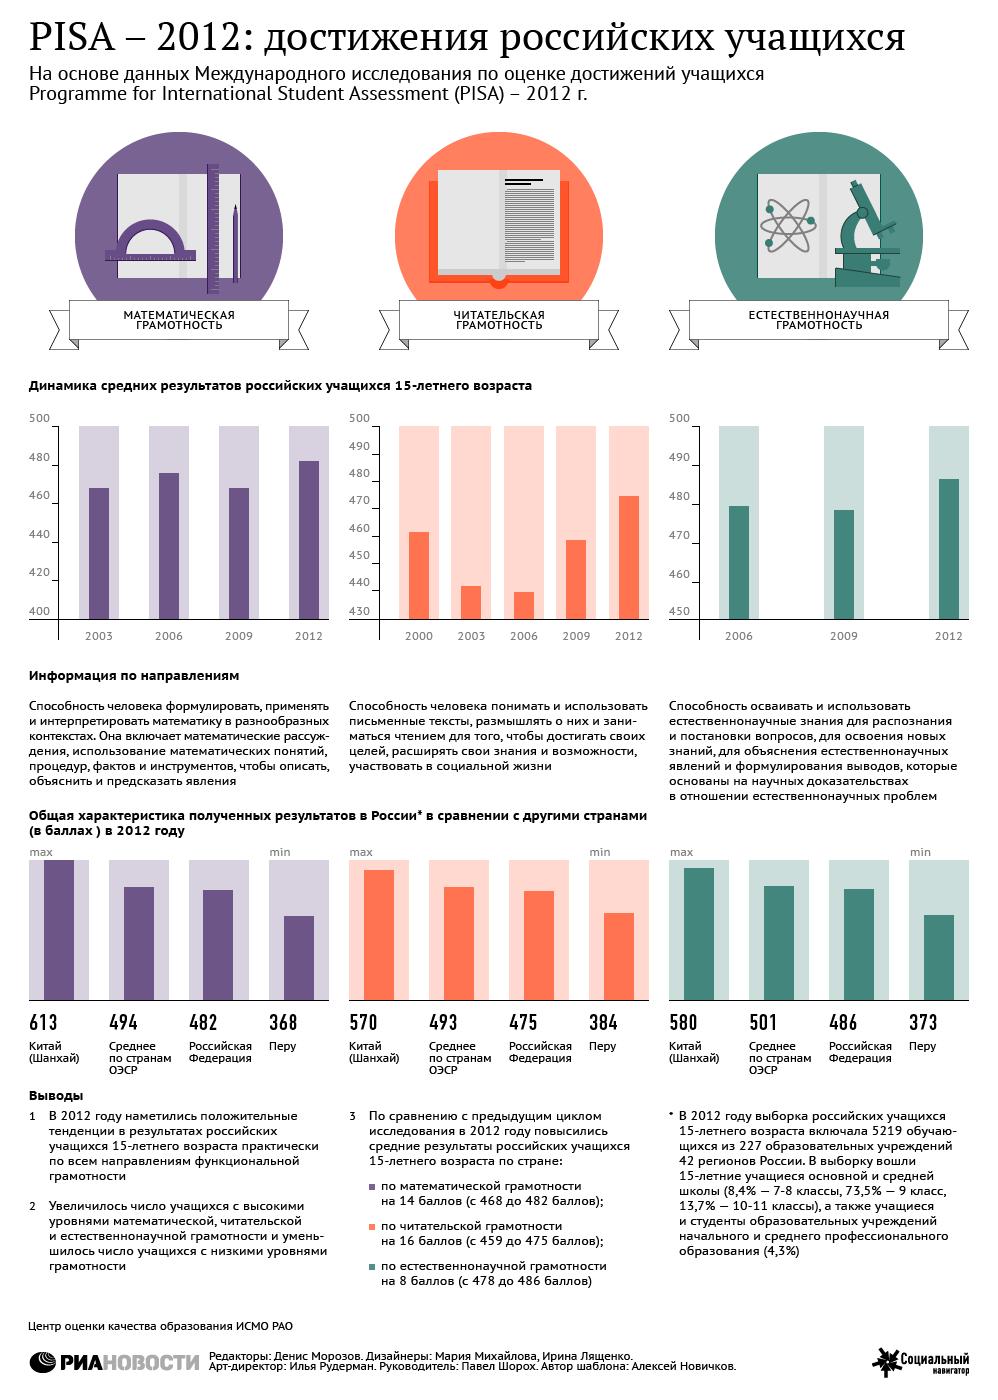 PISA - 2012: достижения российских учащихся